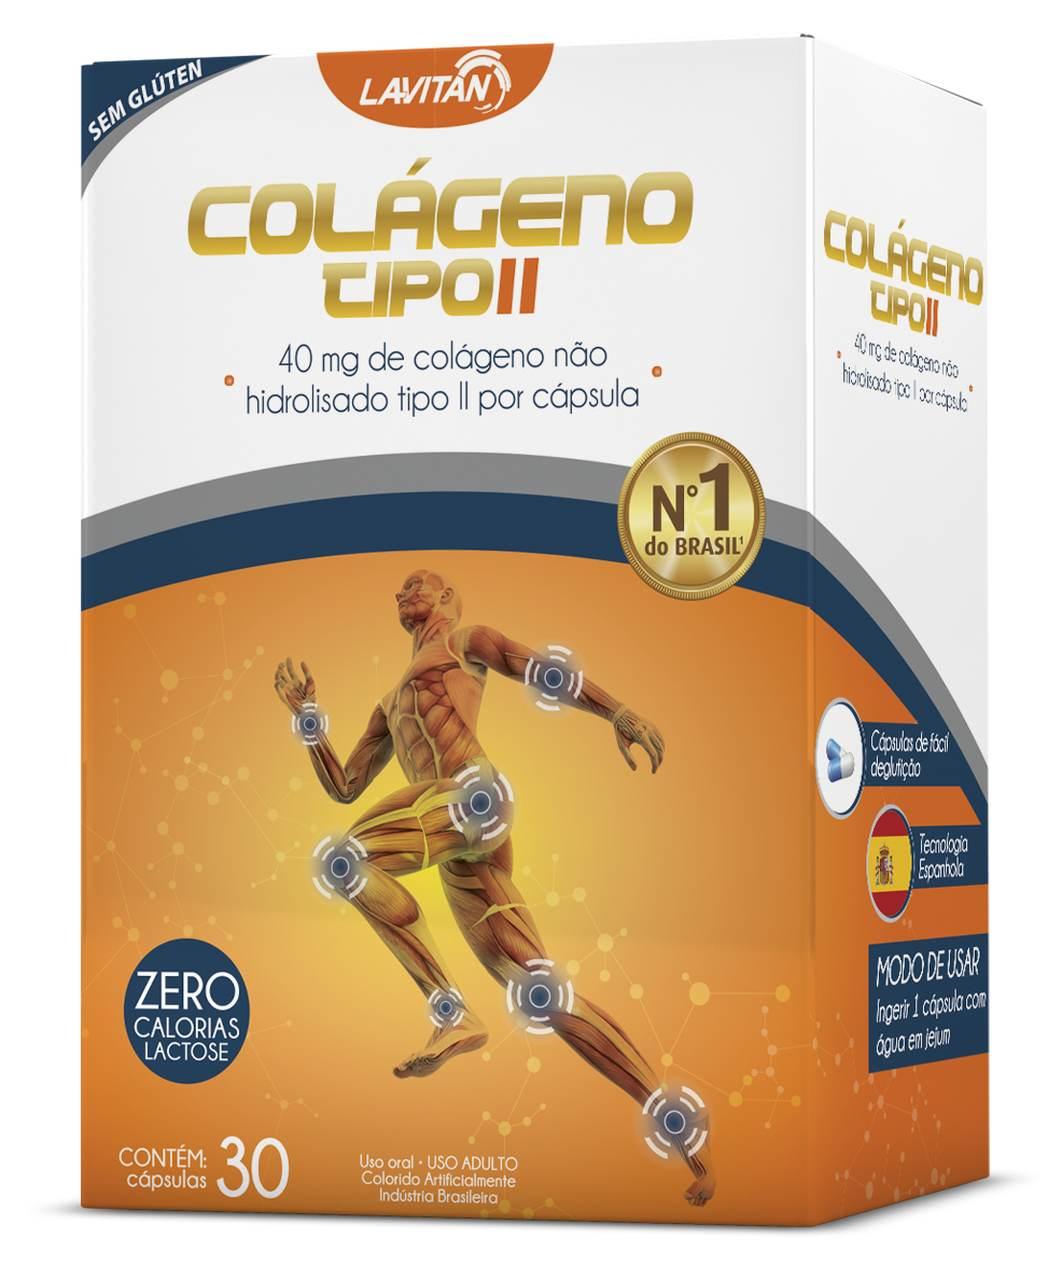 Imagem da Embalagem de Lavitan Colágeno Tipo 2